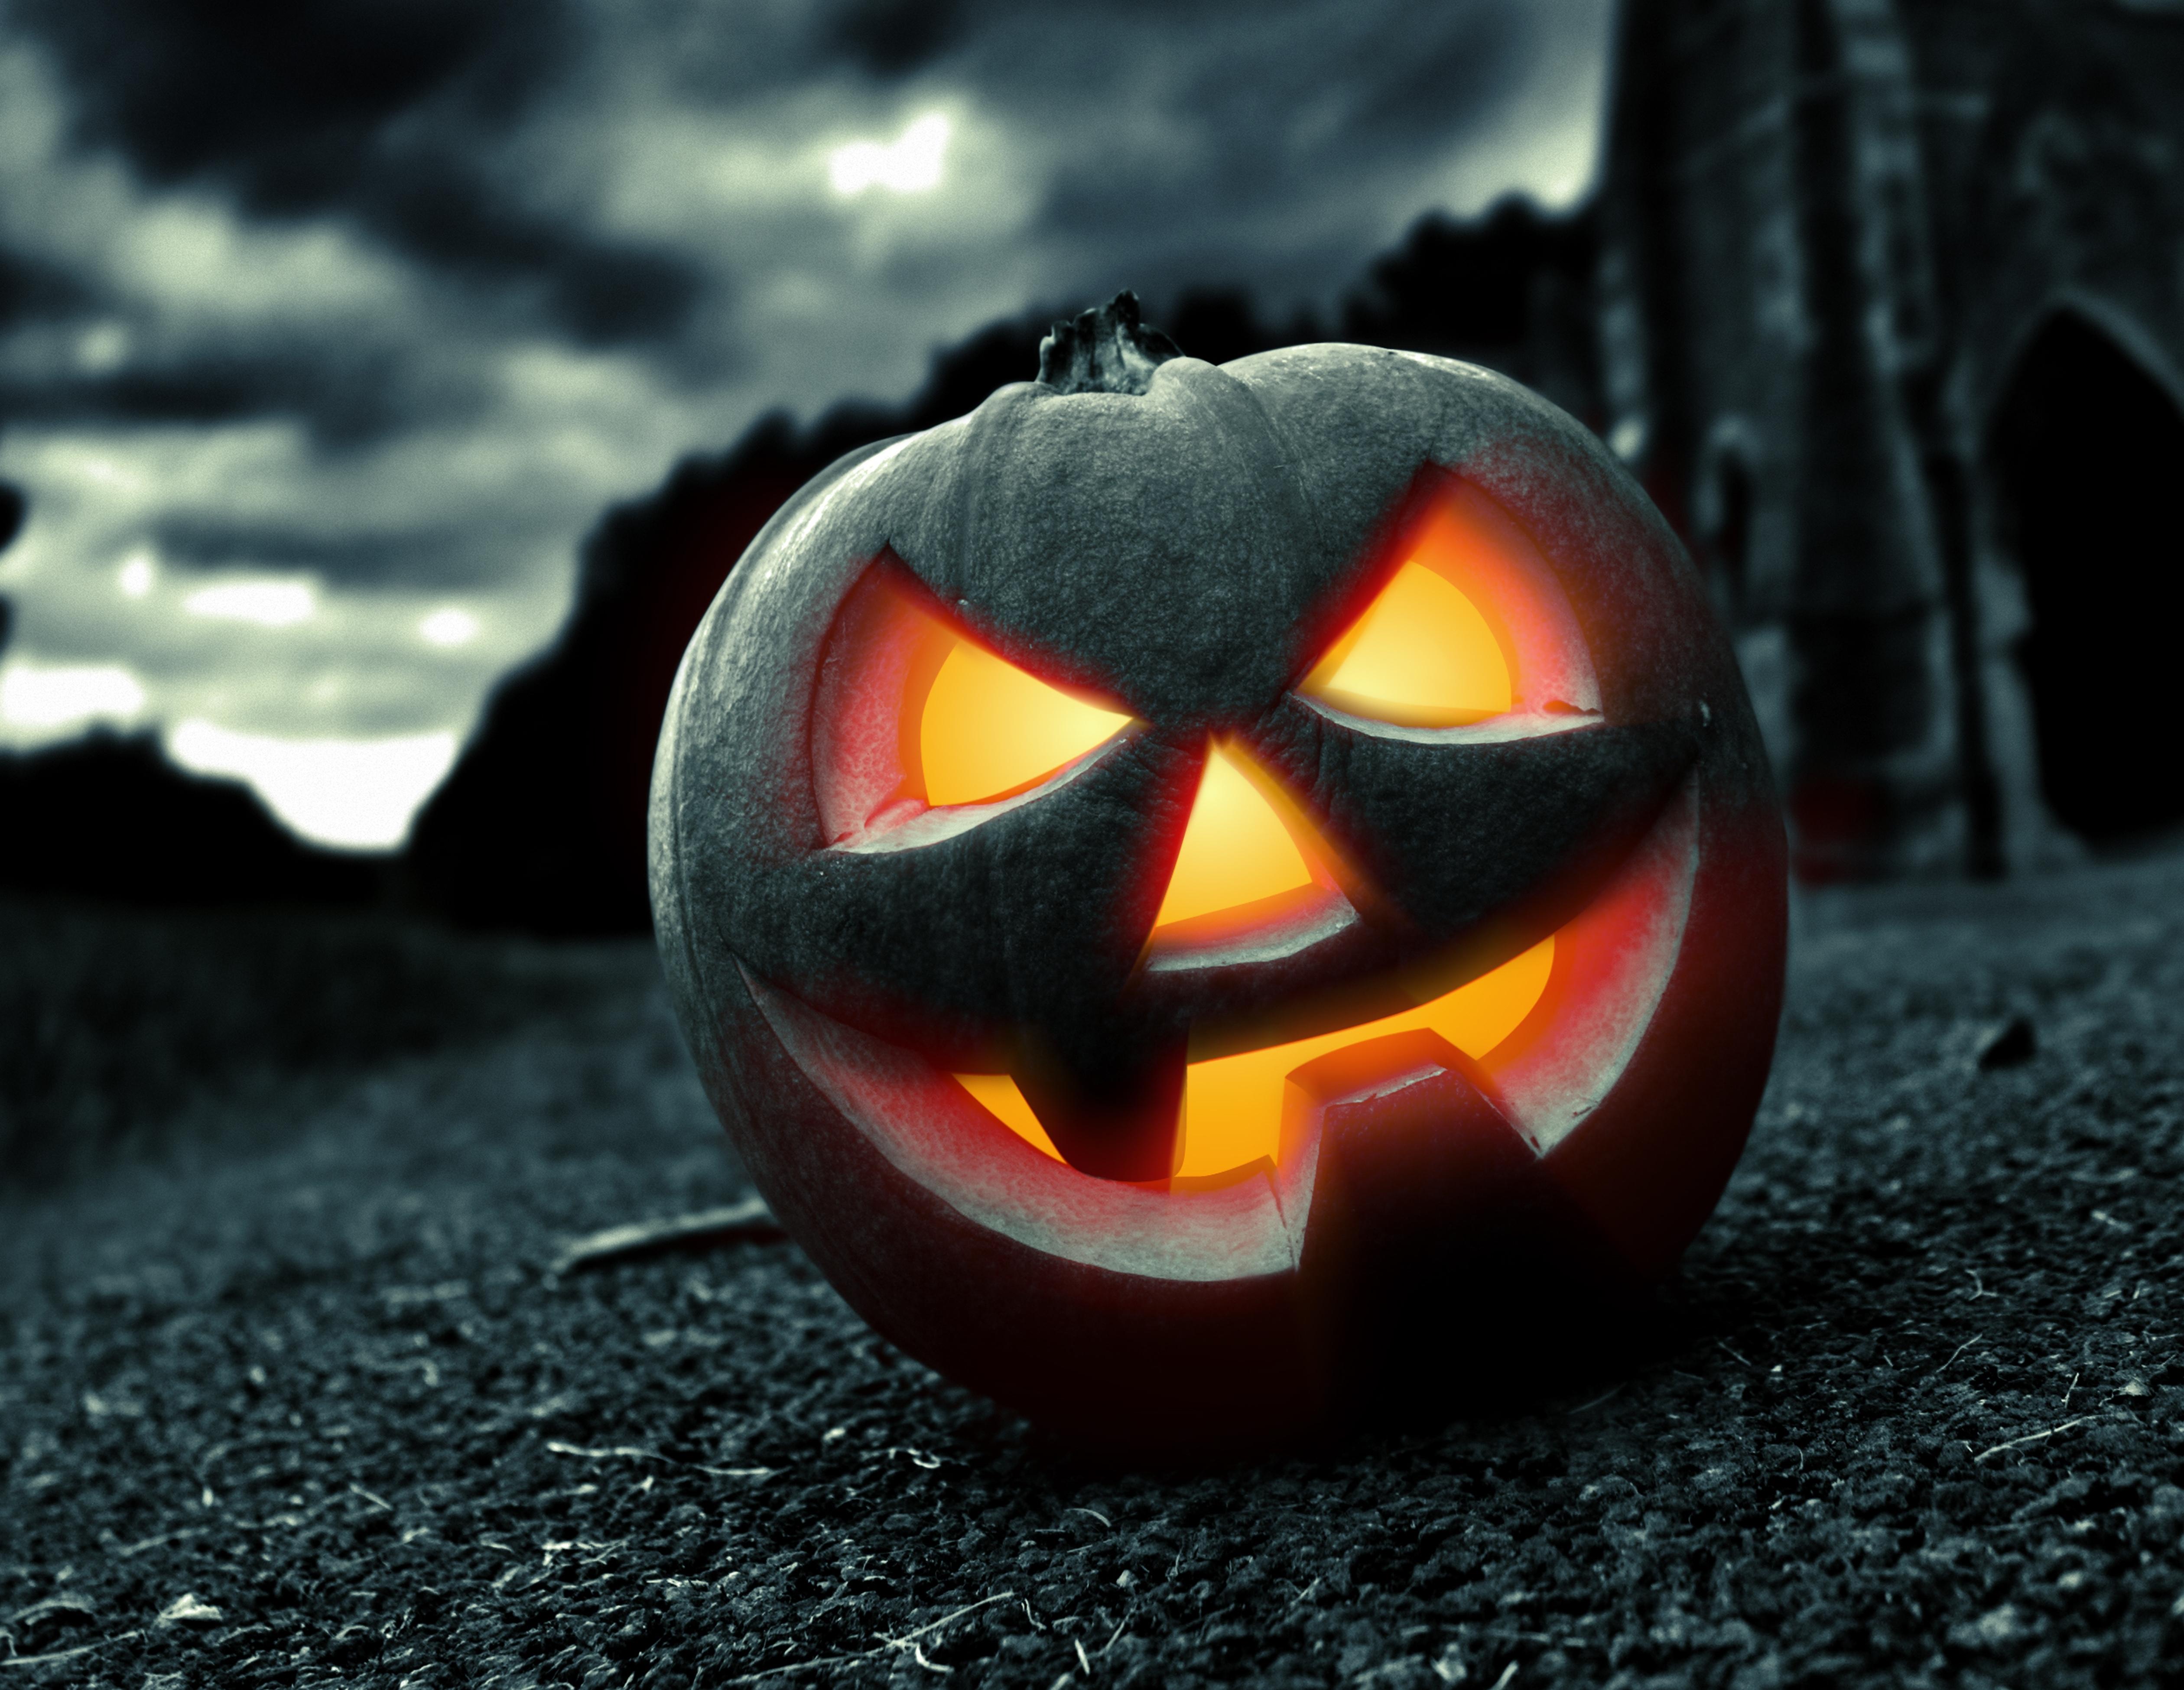 http://img3.goodfon.ru/original/5040x3900/3/1b/halloween-pumpkin-face-3643.jpg